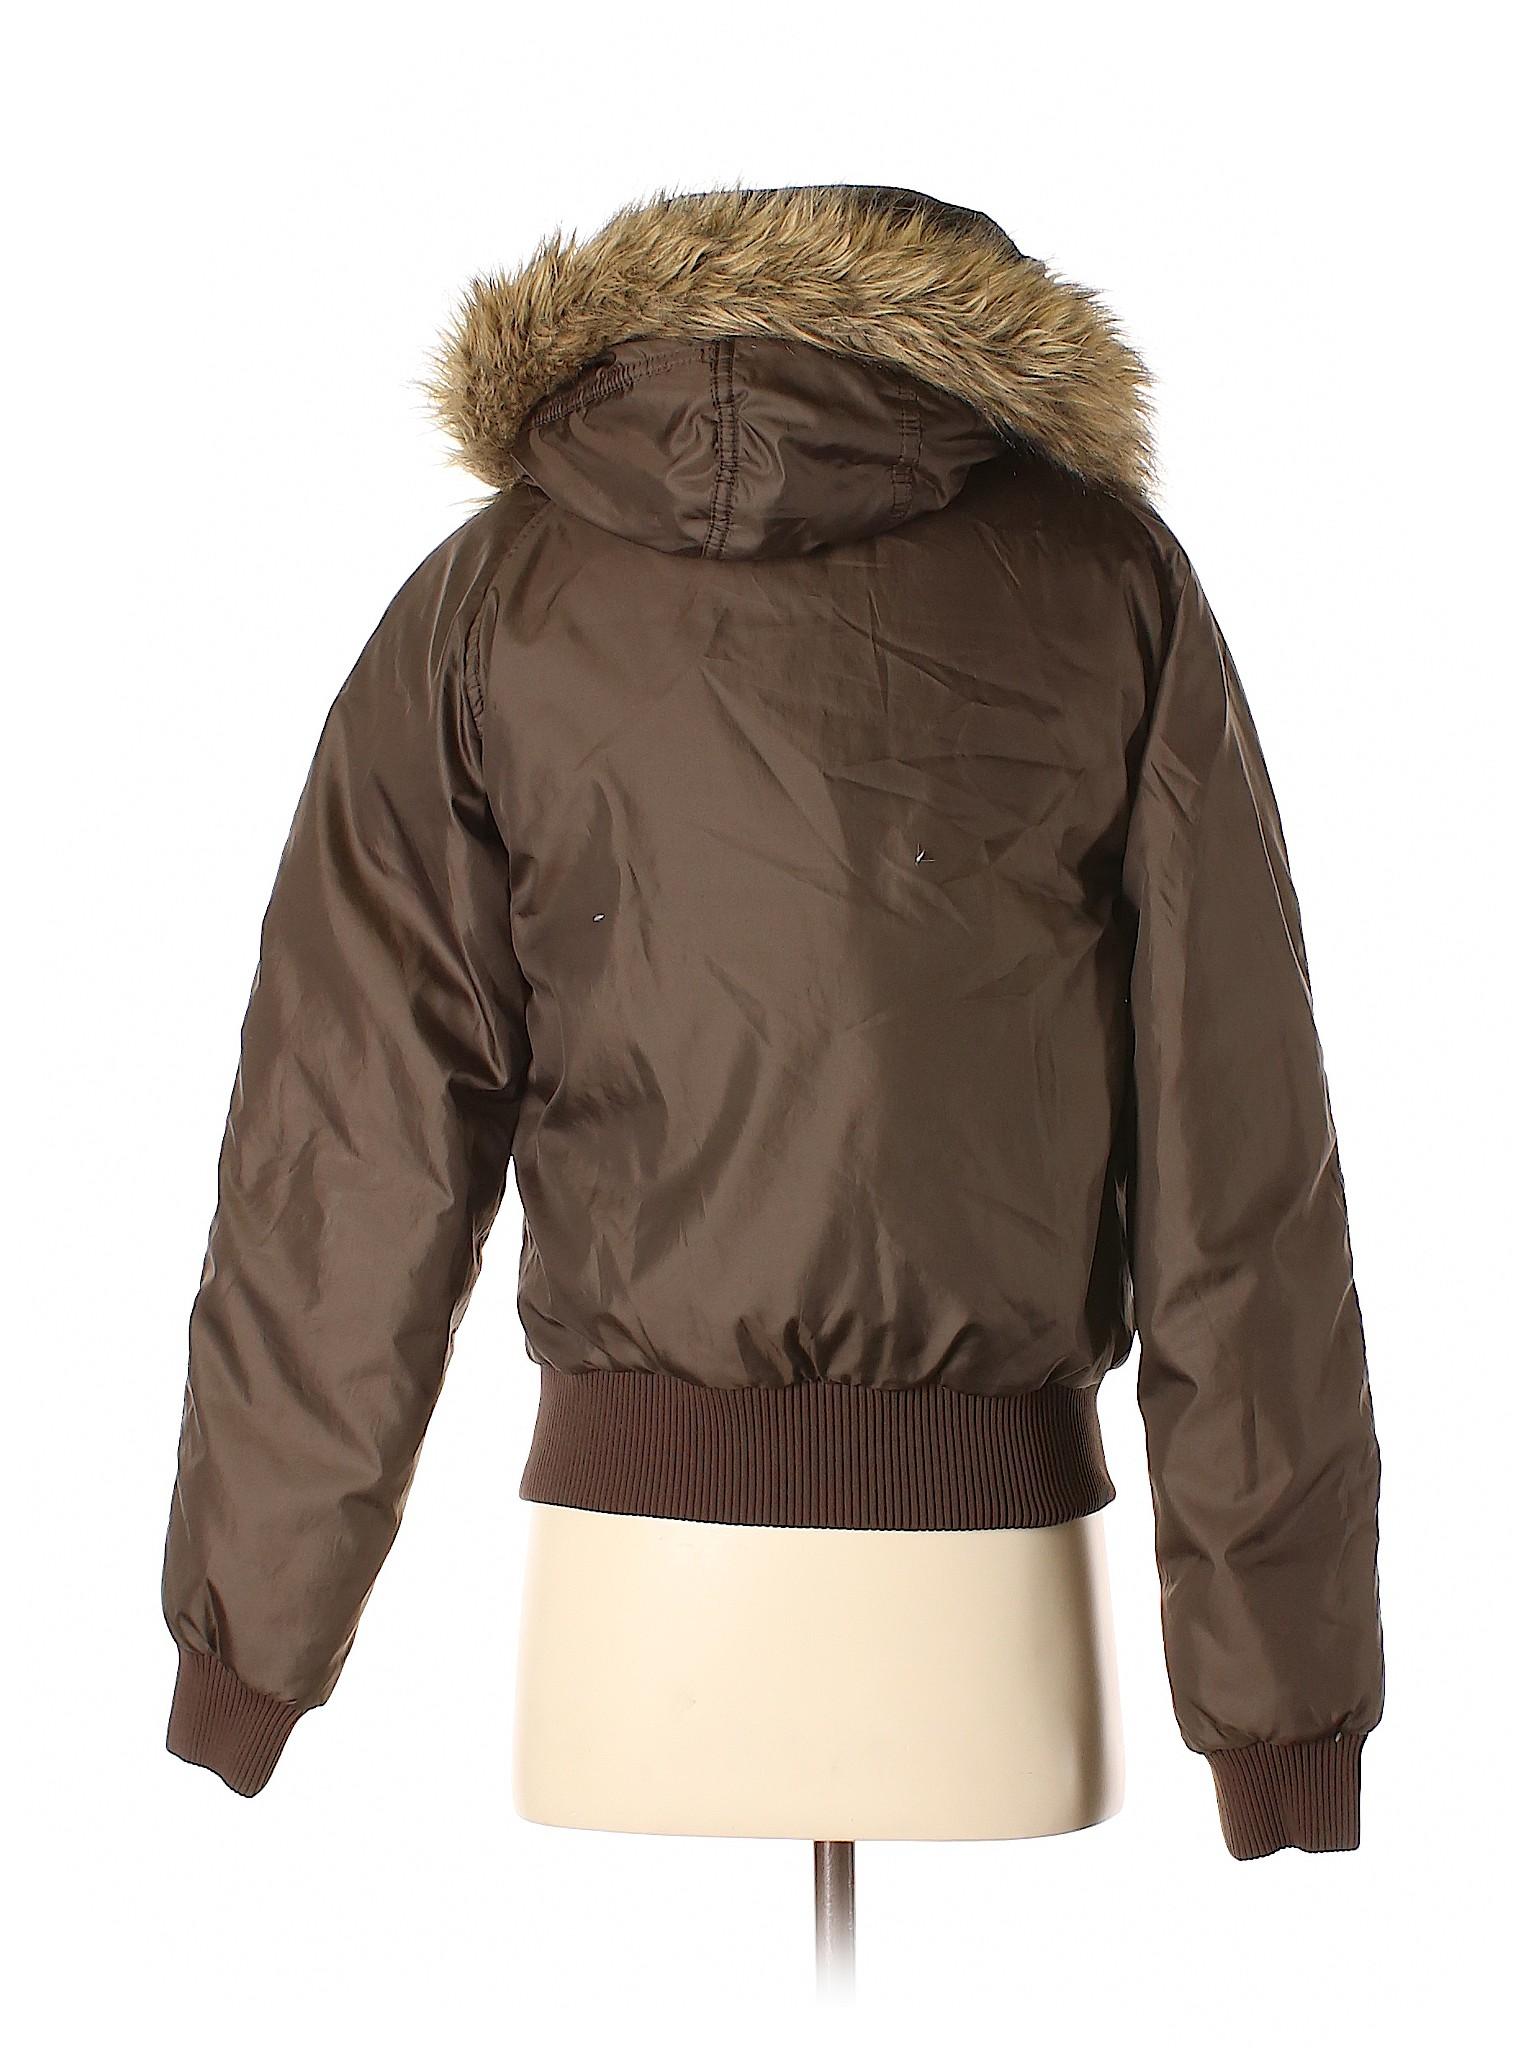 by Ralph leisure Lauren Jeans Boutique Coat Polo Co RwIxqPT